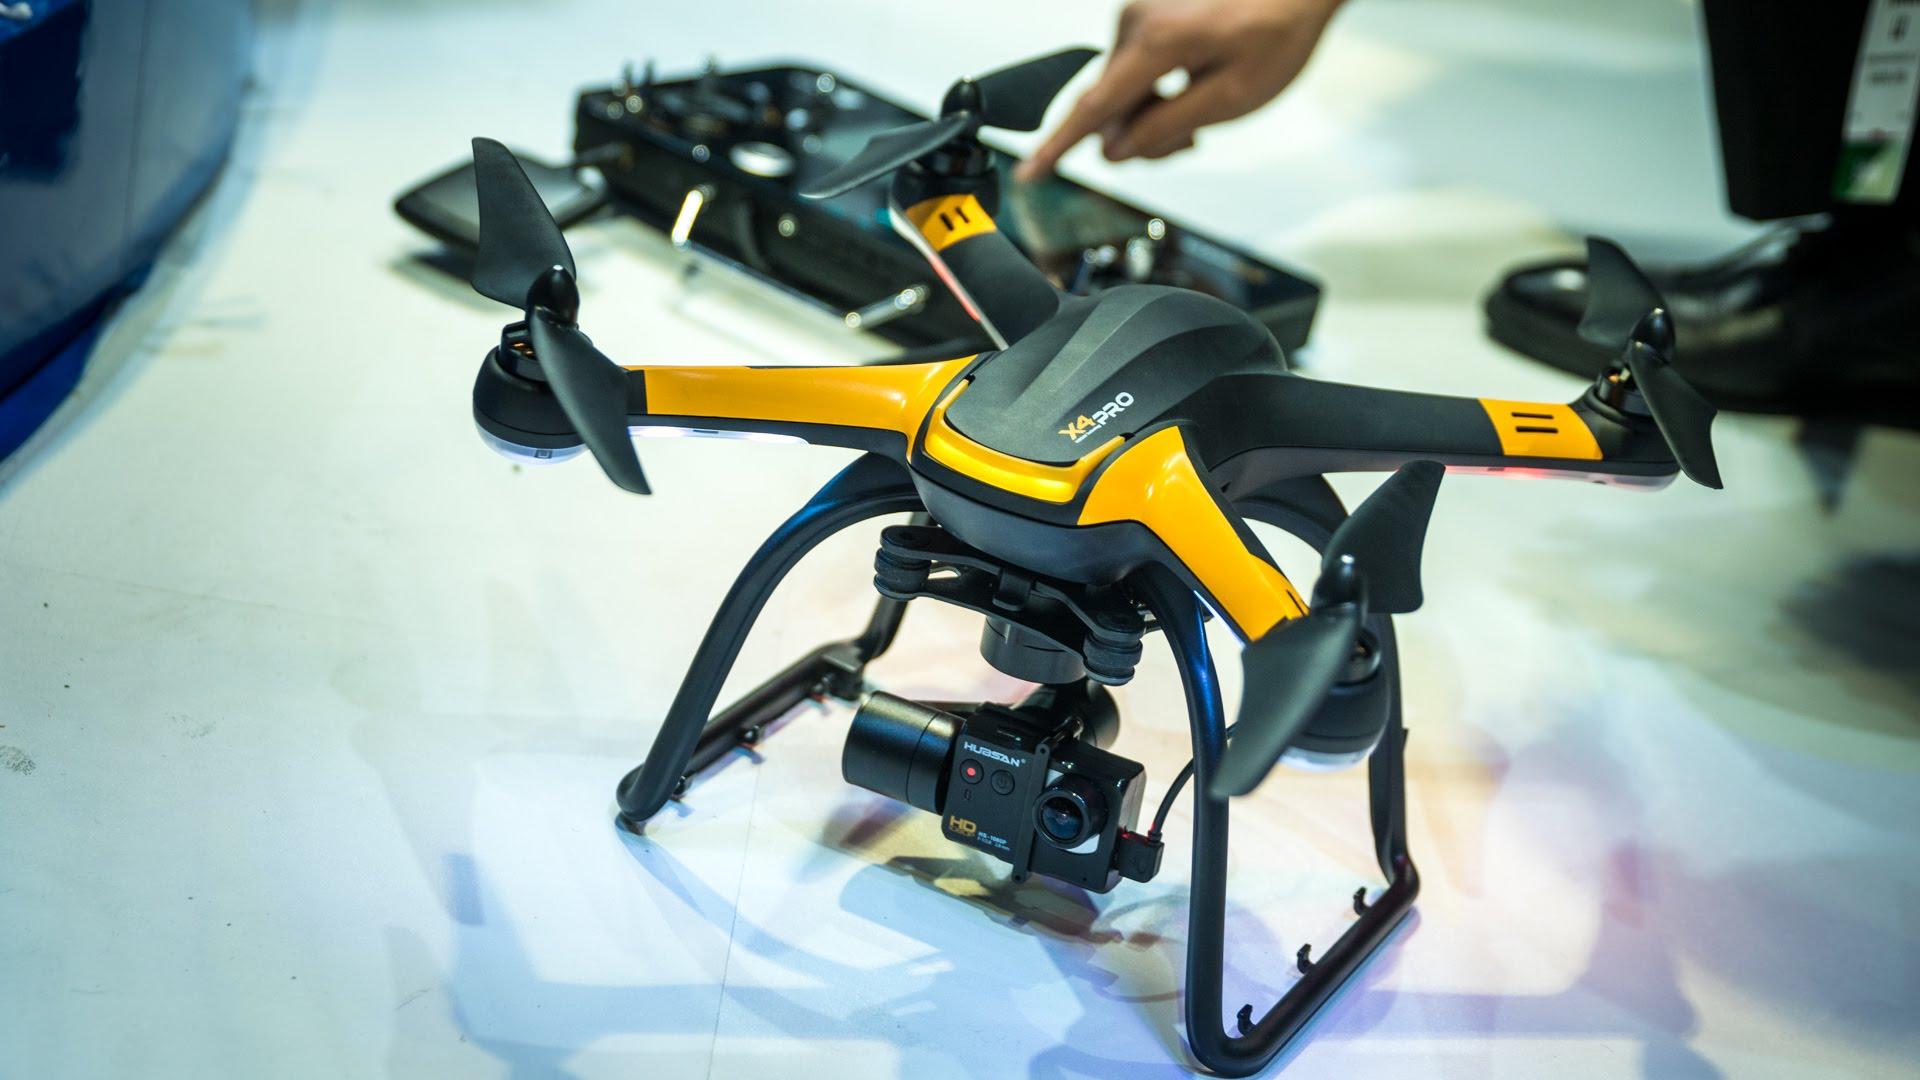 Квадрокоптер hubsan x4 pro - конкурент фантома